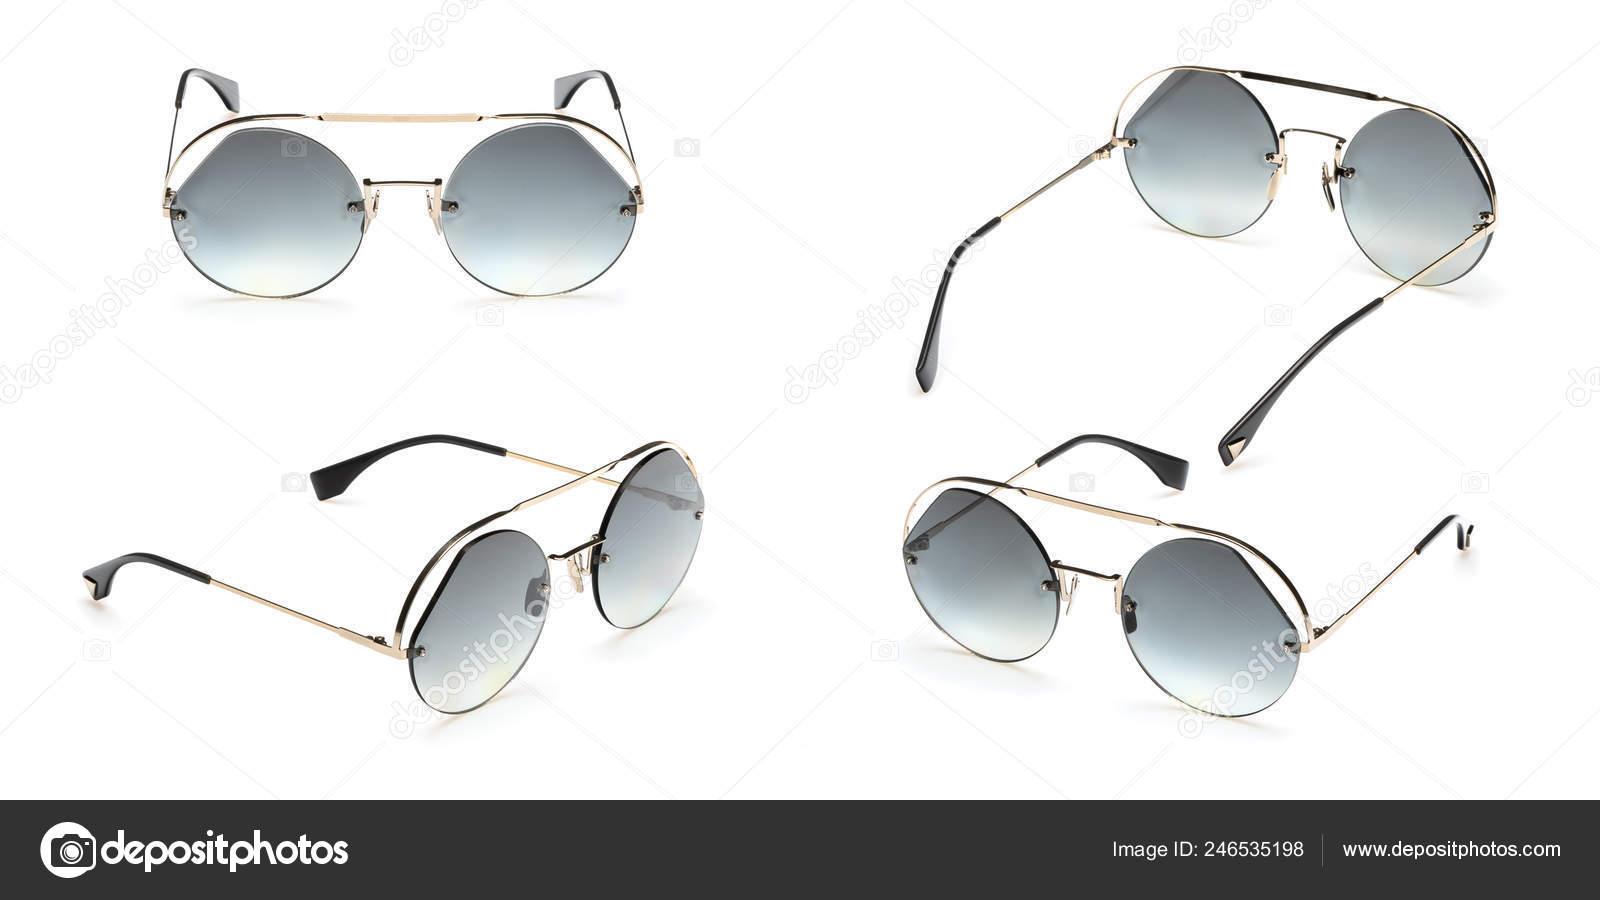 b17d9a501a Gafas de sol Retro sets en marco redondo aislado sobre fondo blanco.  Colección moda Vintage verano gafas de sol — Foto de ...